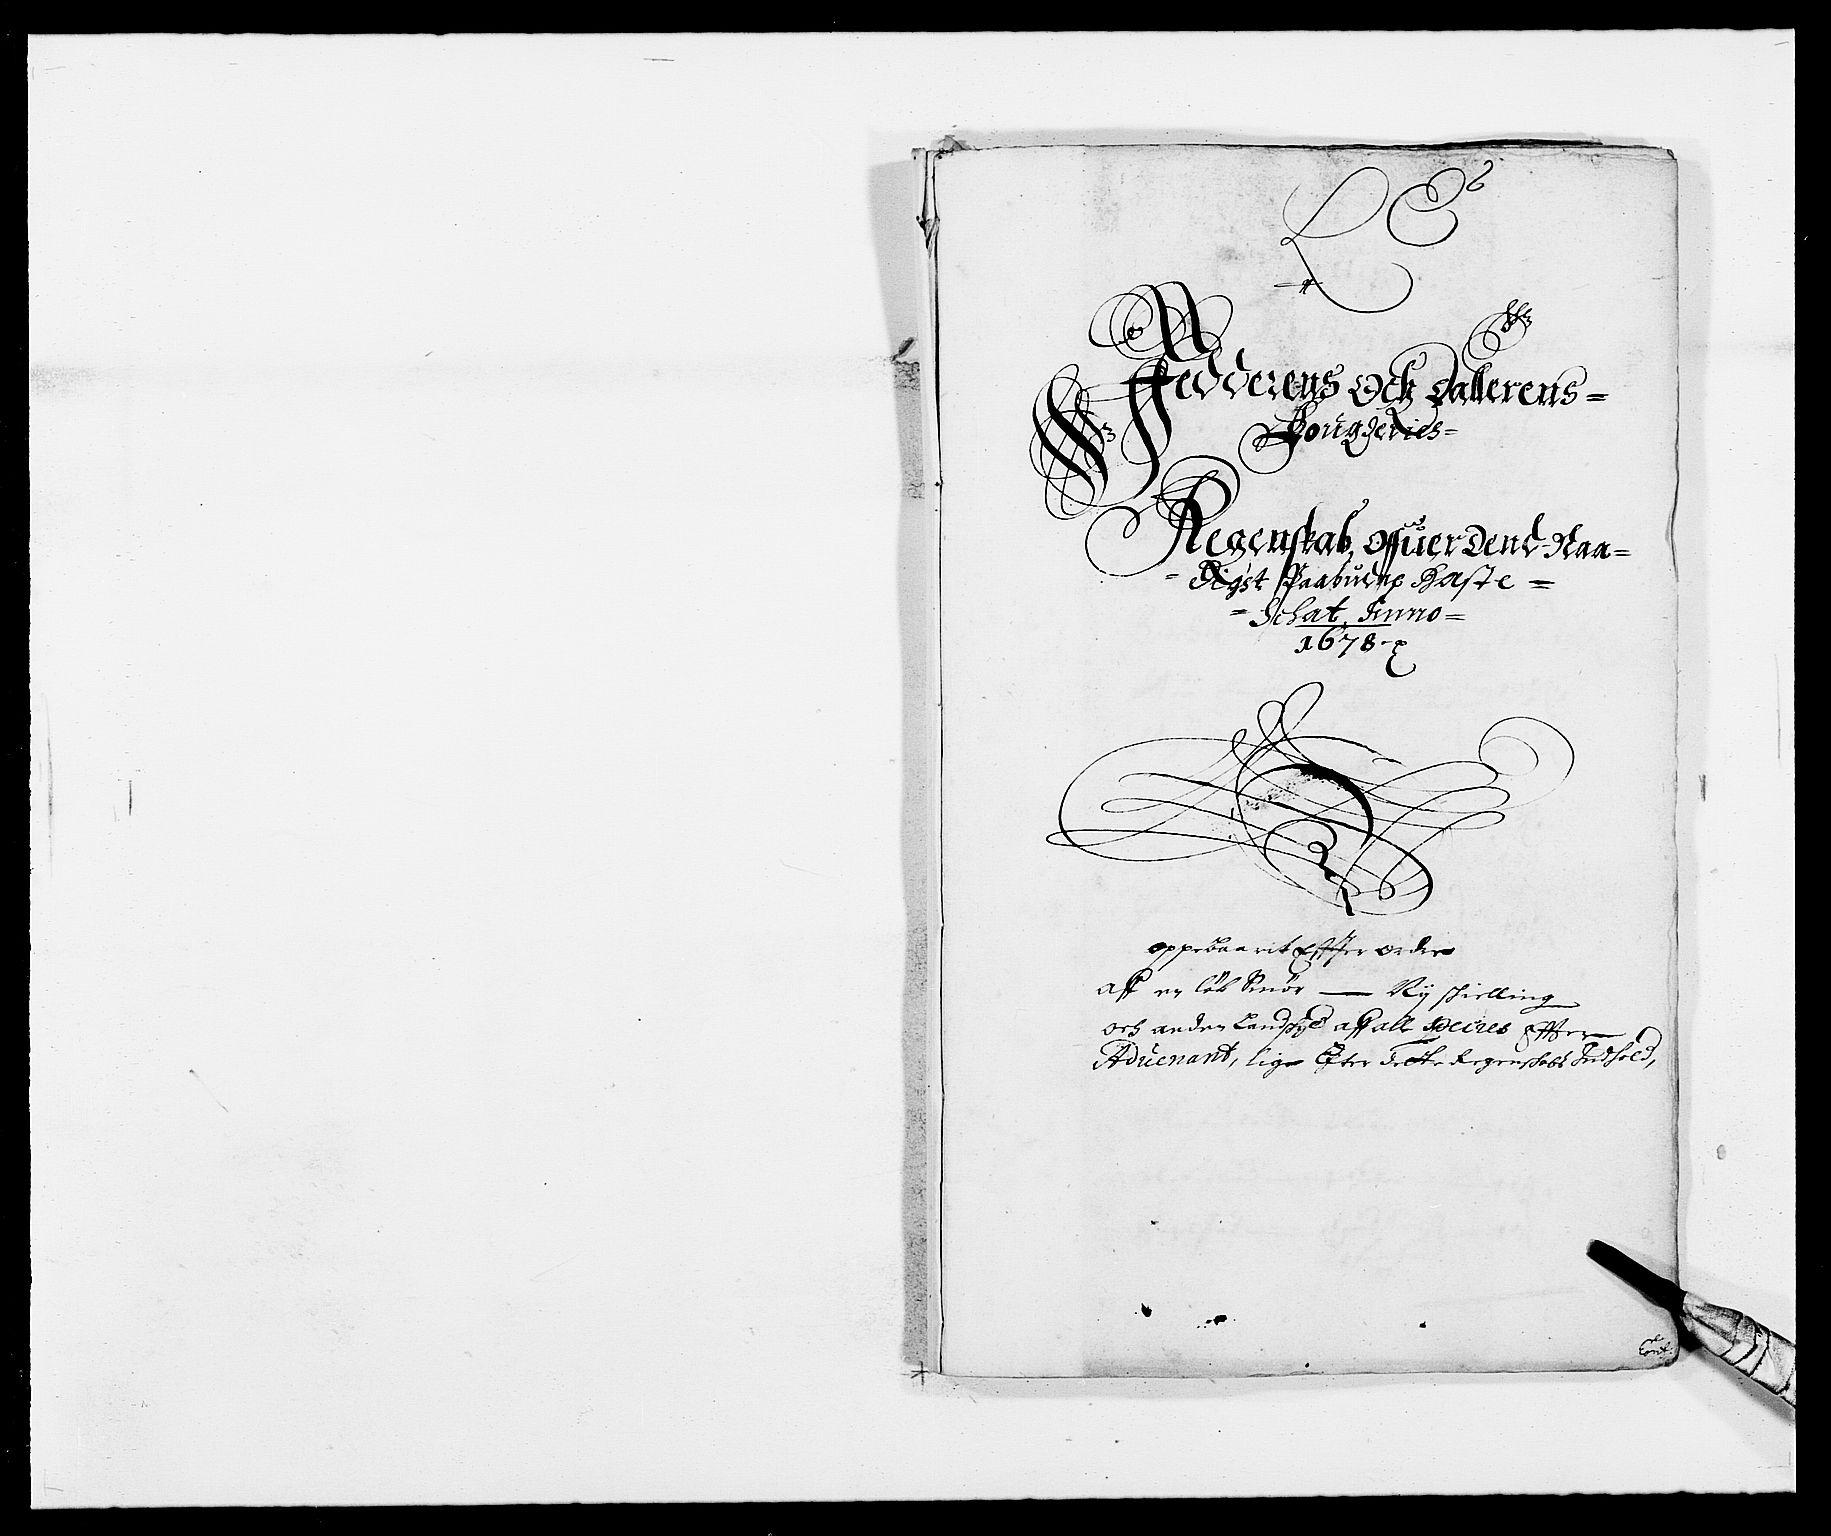 RA, Rentekammeret inntil 1814, Reviderte regnskaper, Fogderegnskap, R46/L2718: Fogderegnskap Jæren og Dalane, 1678, s. 137